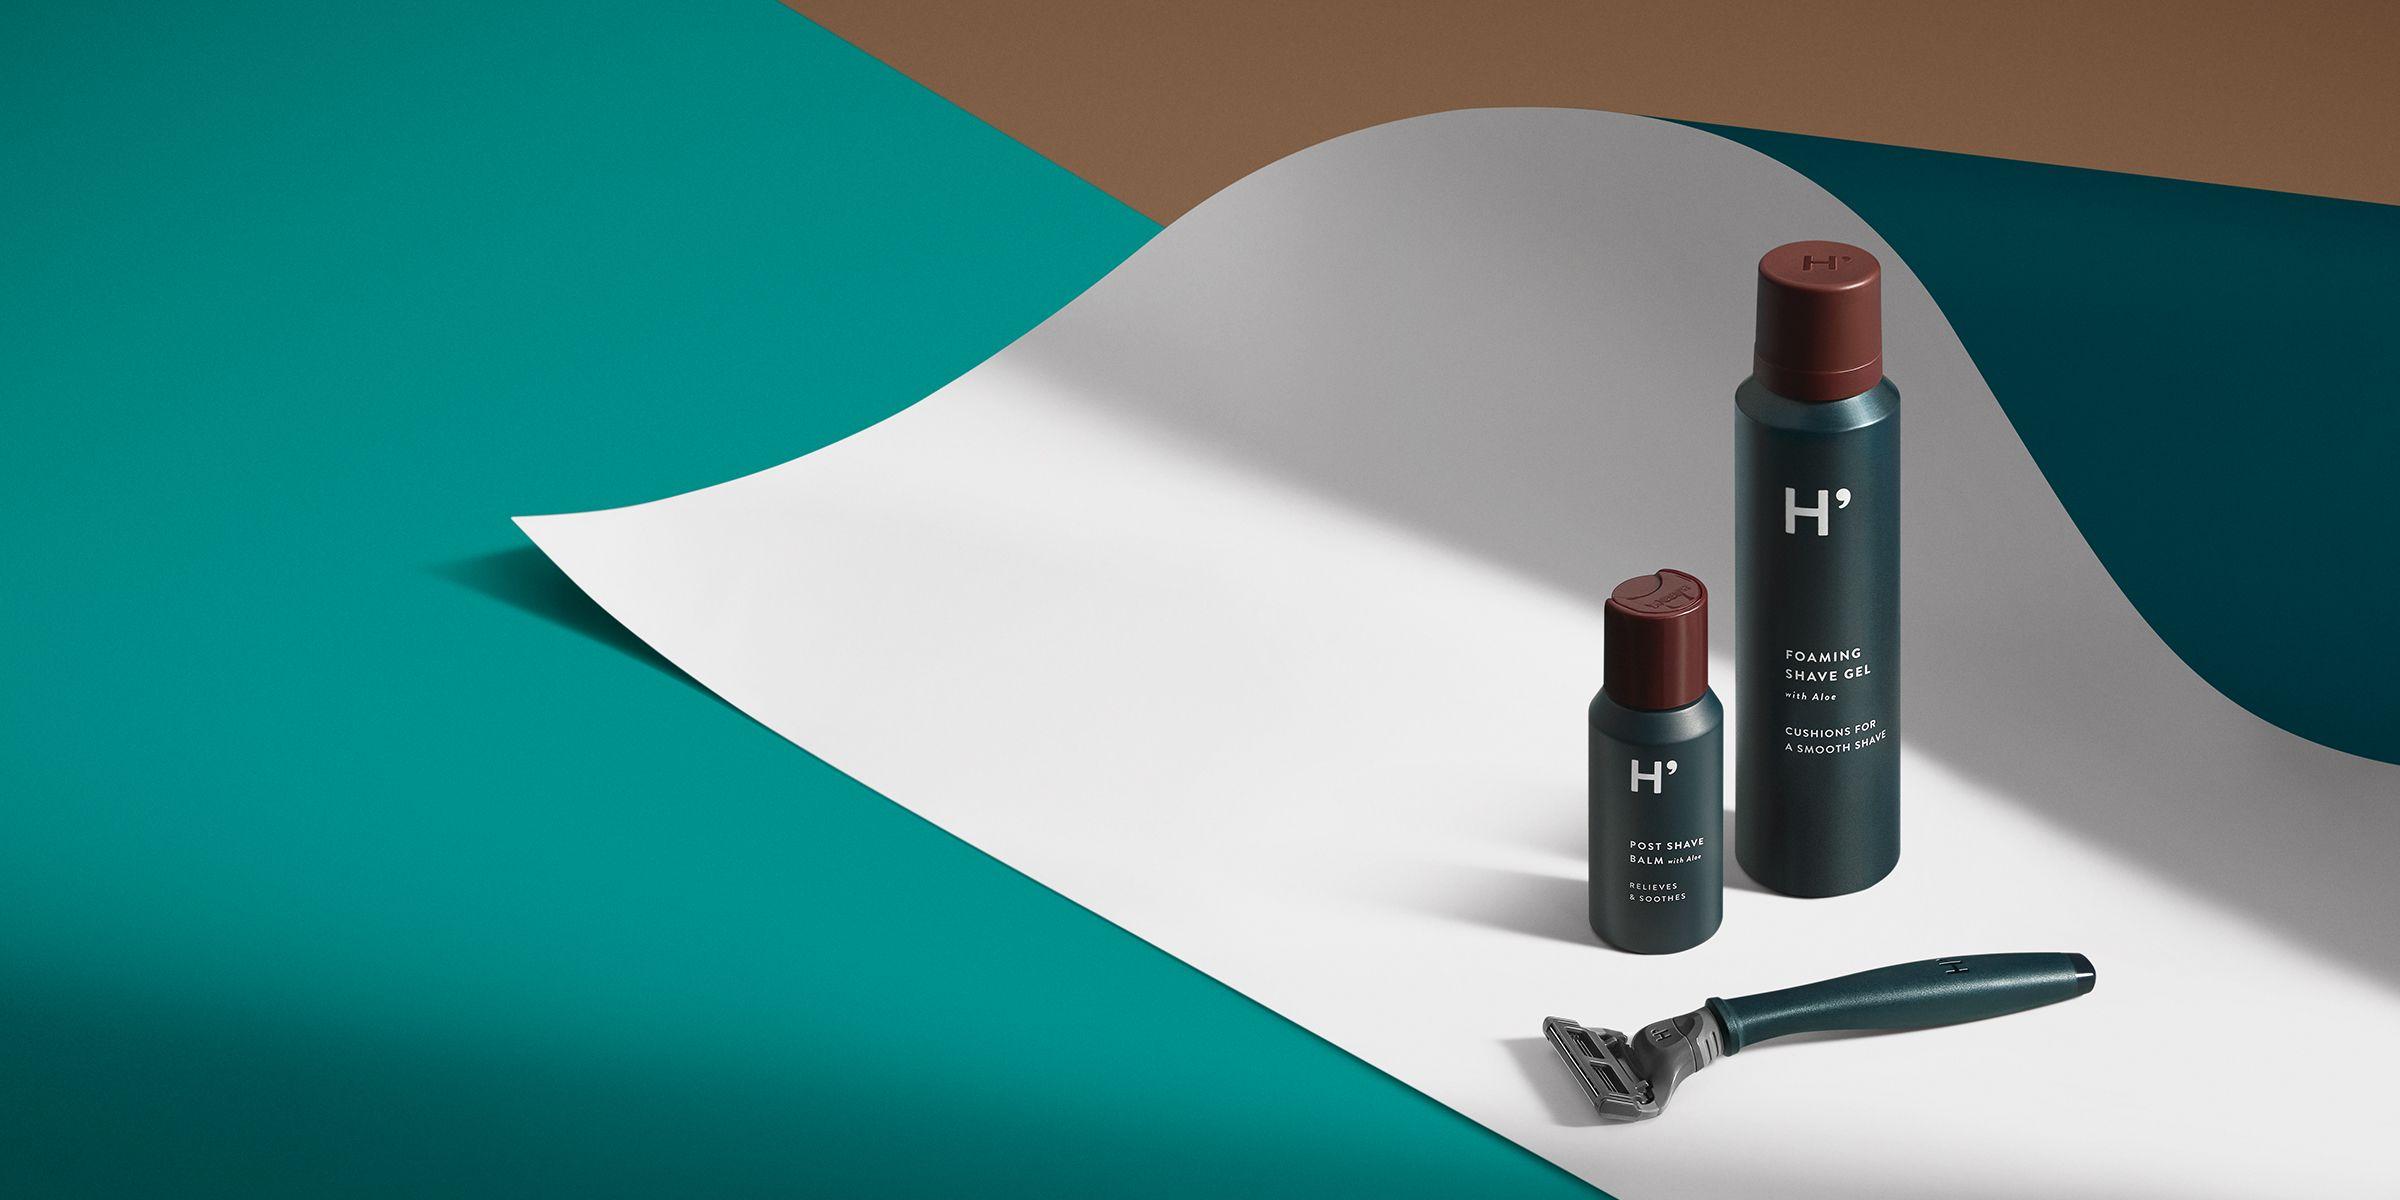 Shaving Creams And Gels Harrys Target